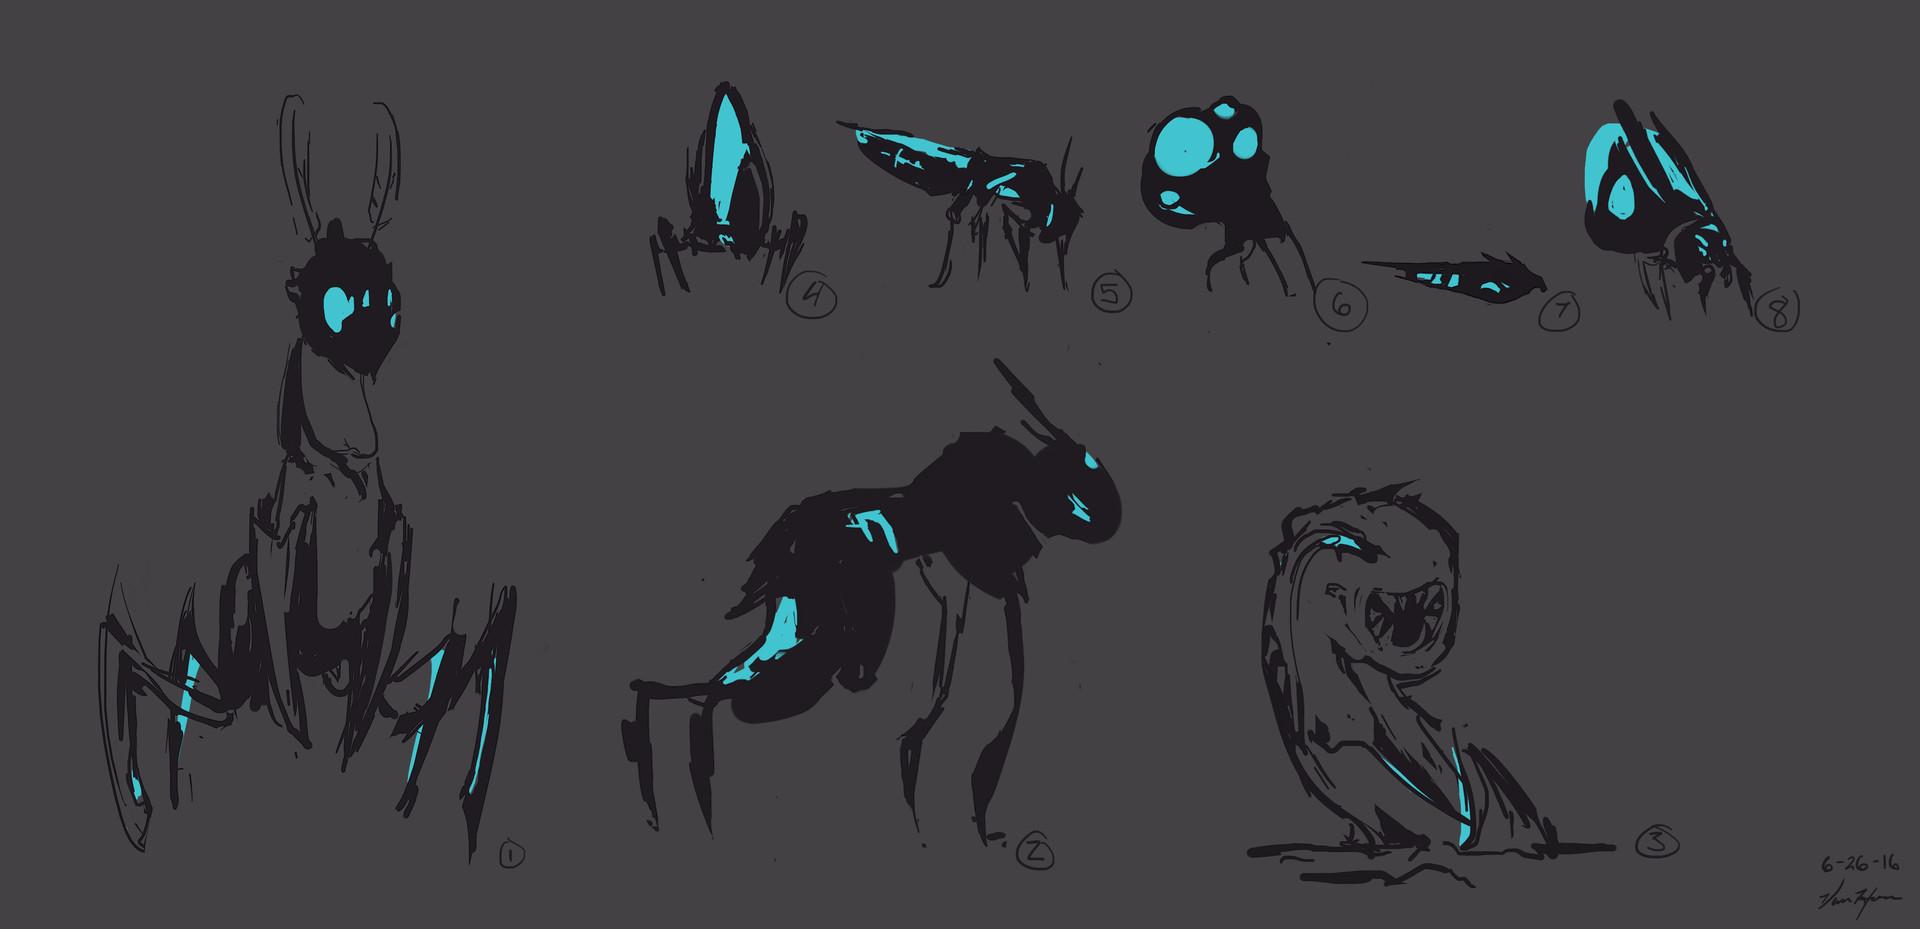 Cave - Creatures